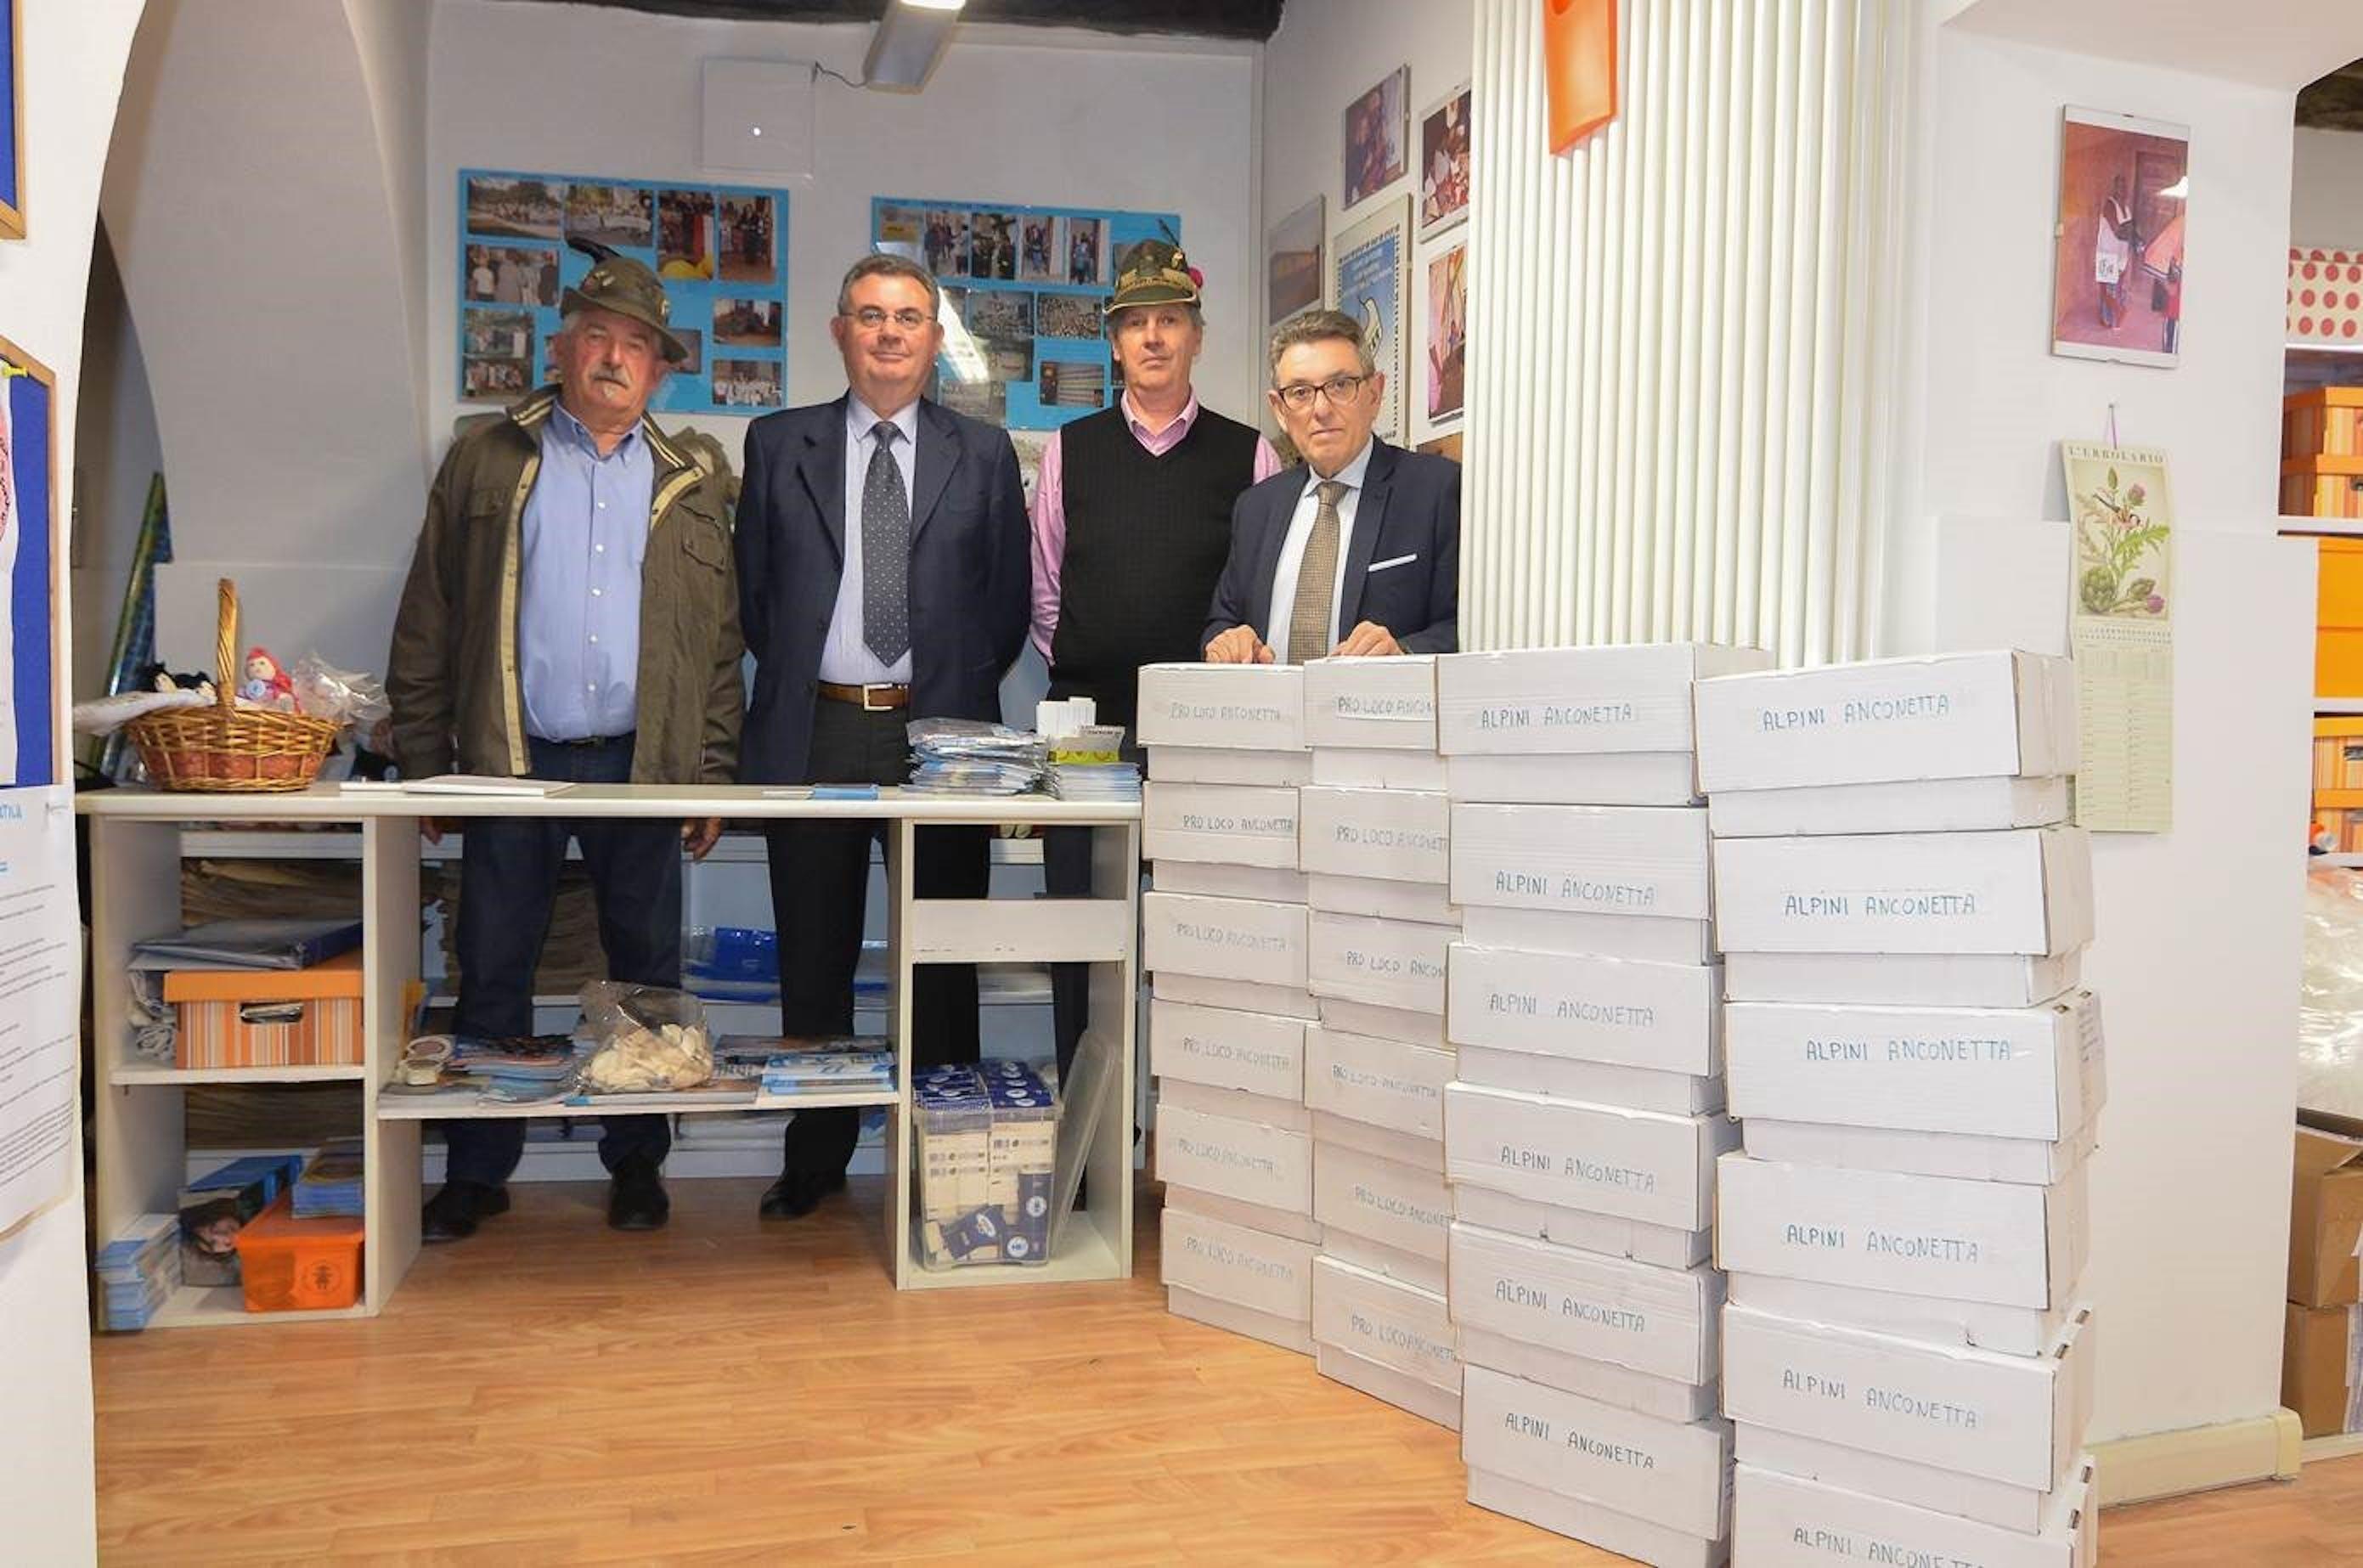 Il Comitato UNICEF di Vicenza, con gli alpini di Anconetta e la Proloco Postumia per i bambini di Amandola